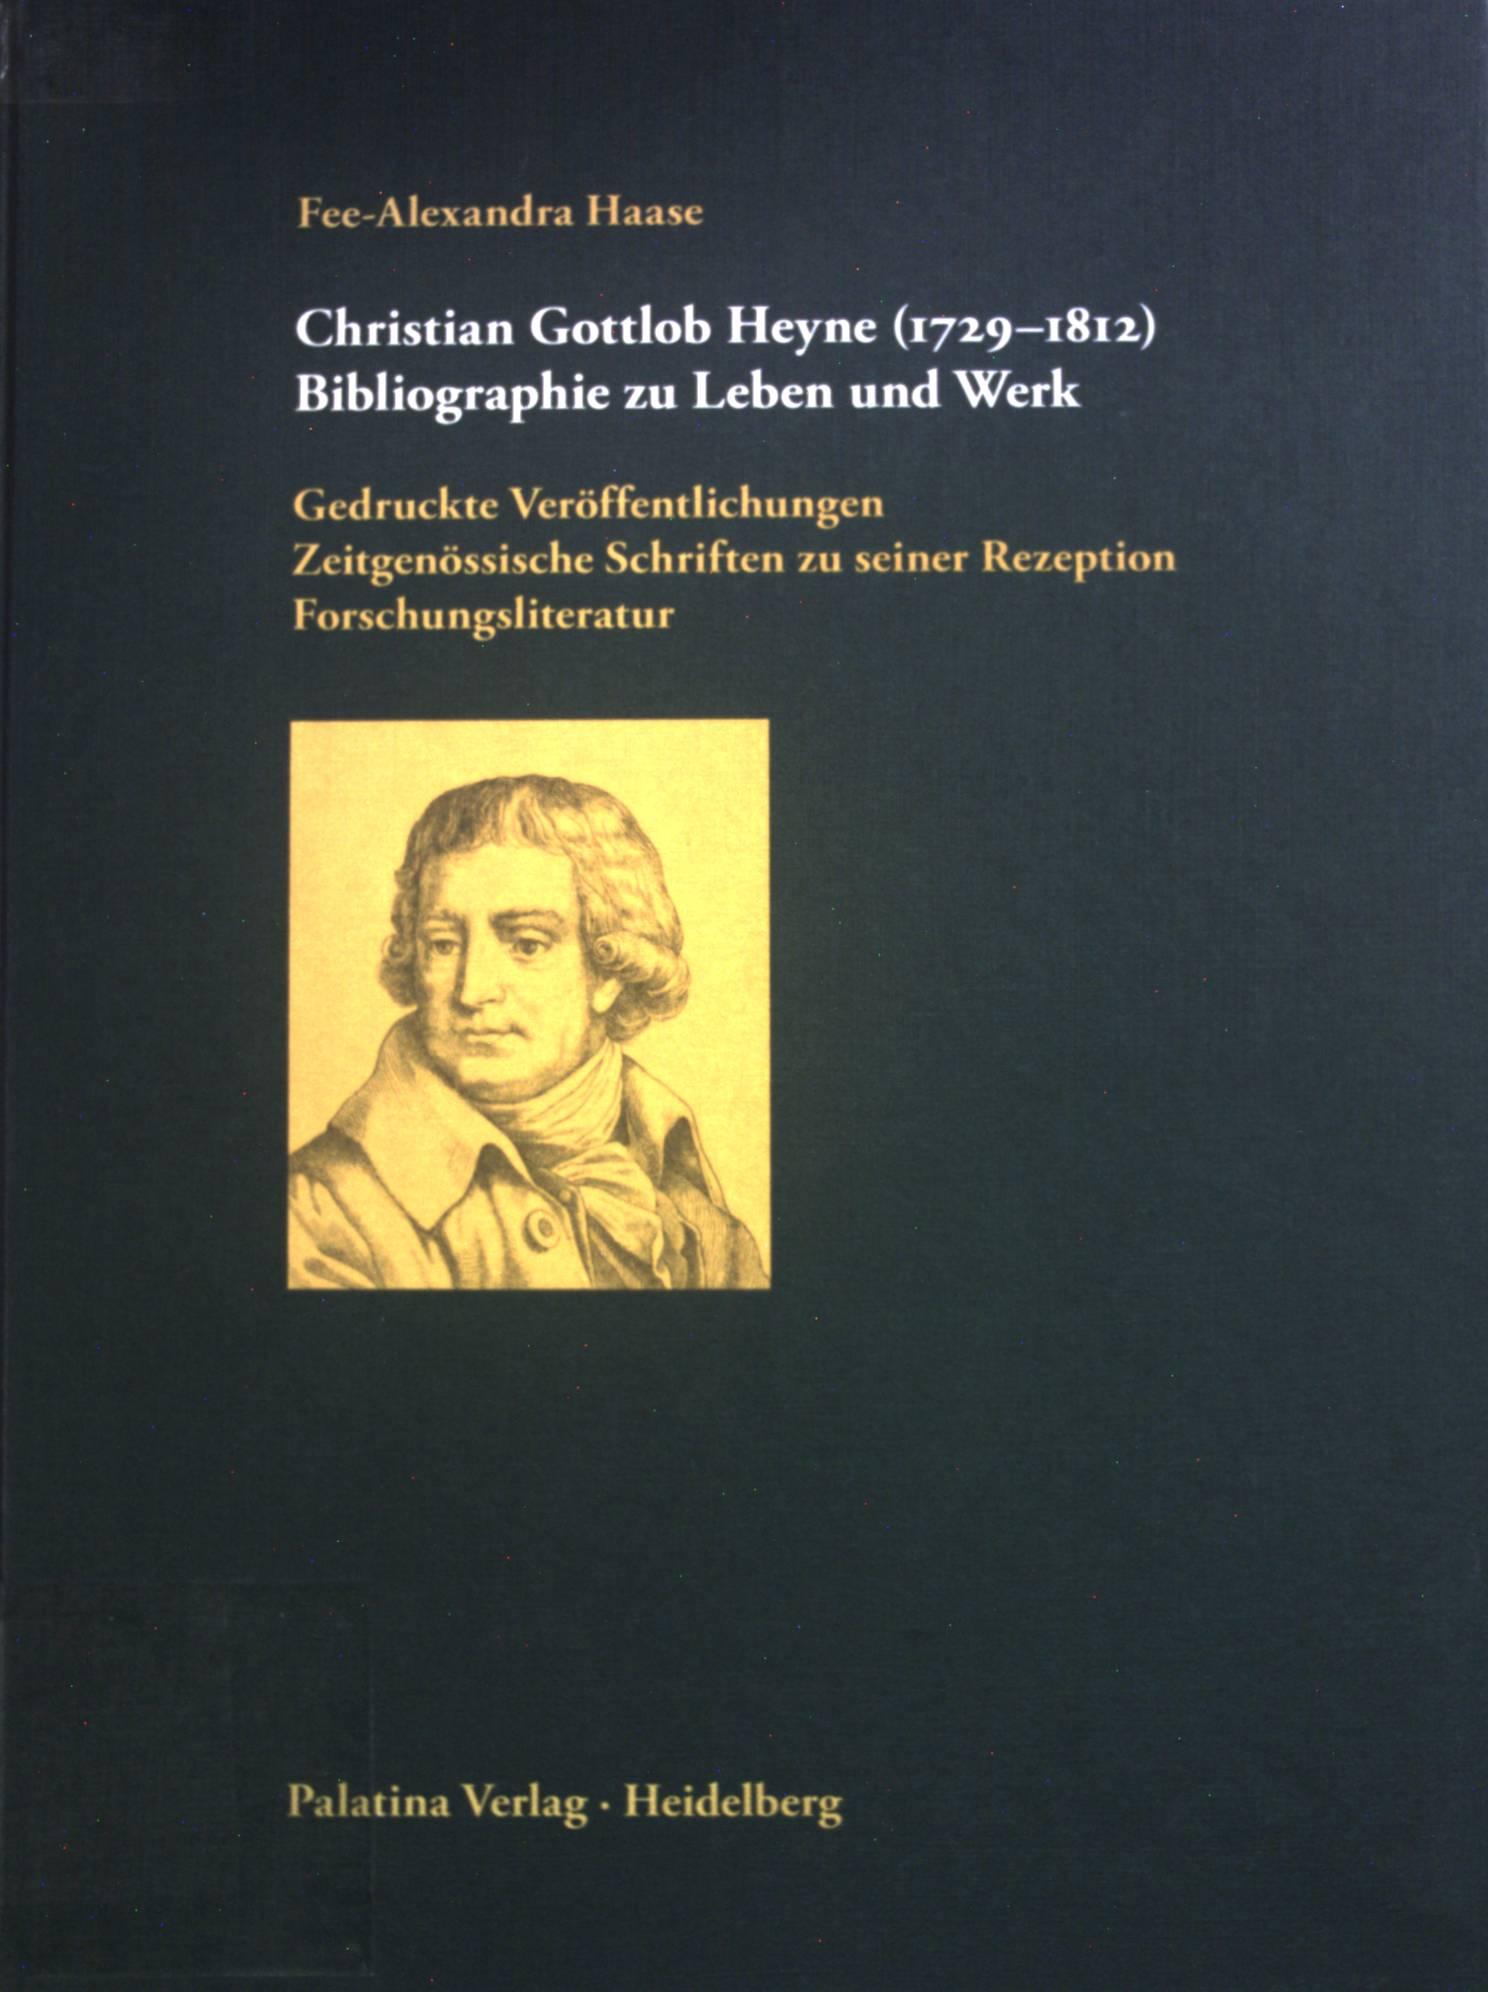 Christian Gottlob Heyne : (1729 - 1812) ; Bibliographie zu Leben und Werk ; gedruckte Veröffentlichungen, zeitgenössische Schriften zu seiner Rezeption, Forschungsliteratur. - Haase, Fee-Alexandra